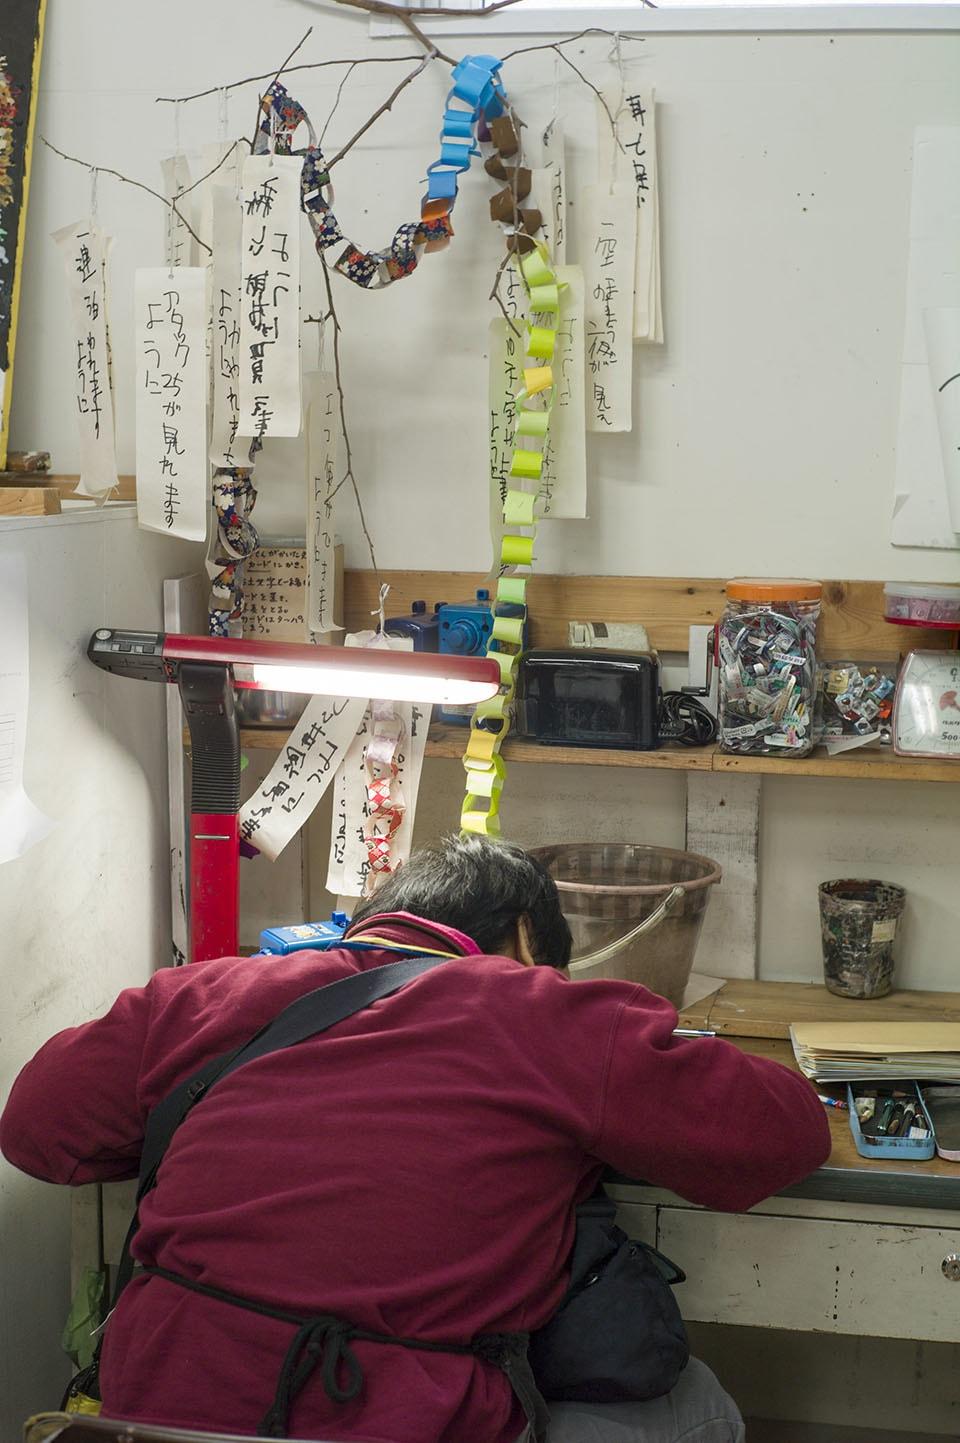 (写真について)好きなこと、やりたいことが彼女の仕事になっている伊藤さん。収集した薬のカラは、デスク右横の袋の中に溢れんばかりに積み上げられていた。